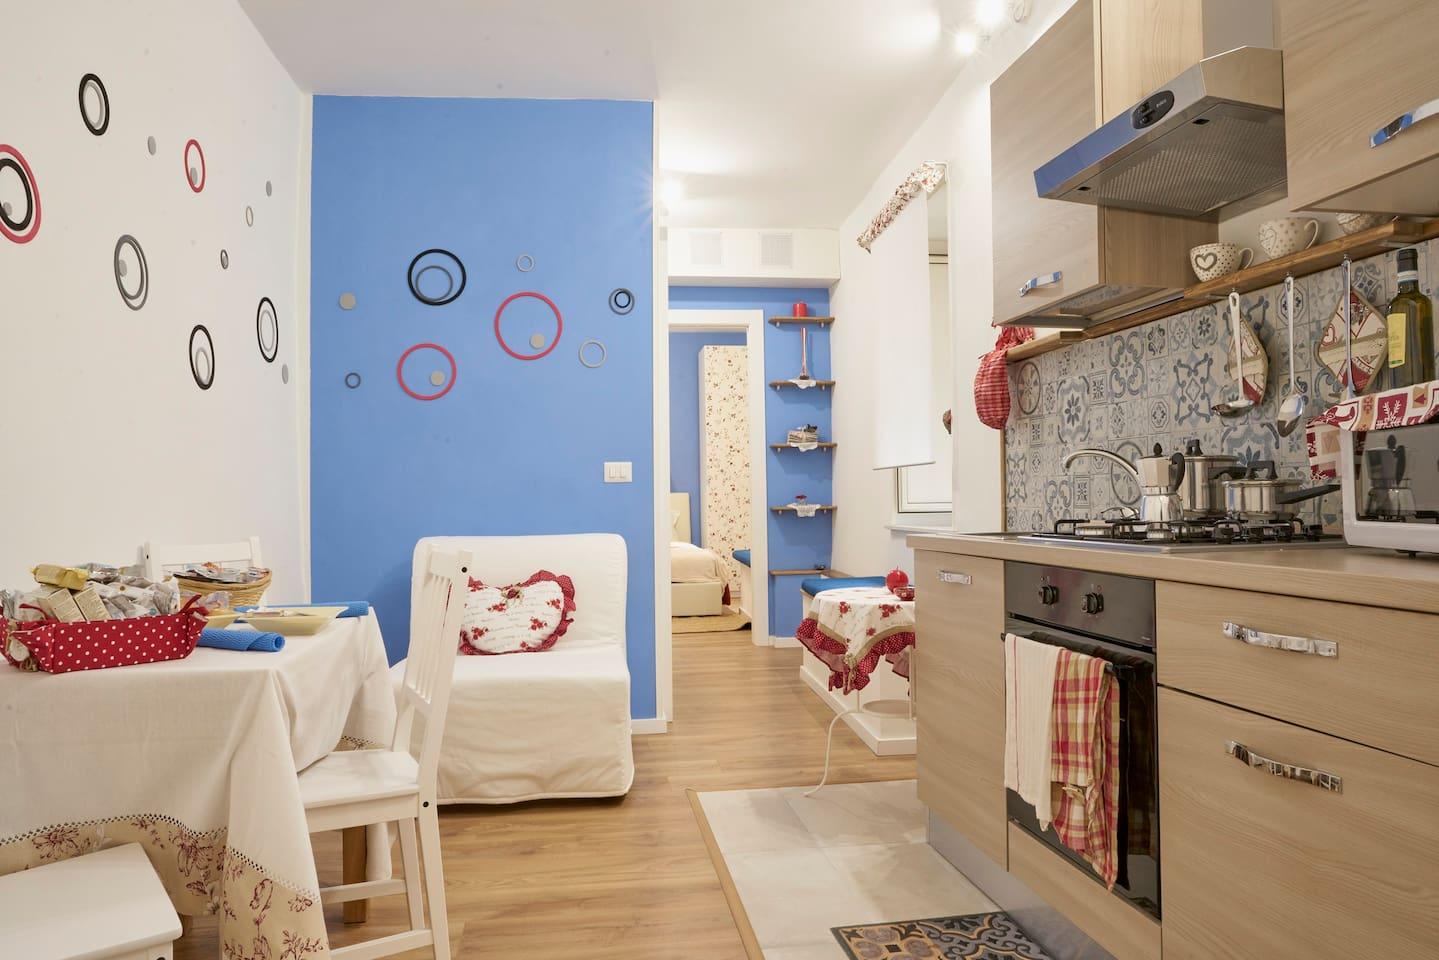 zona giorno living area sala de estar espace de vie Wohnbereich жилая площадь